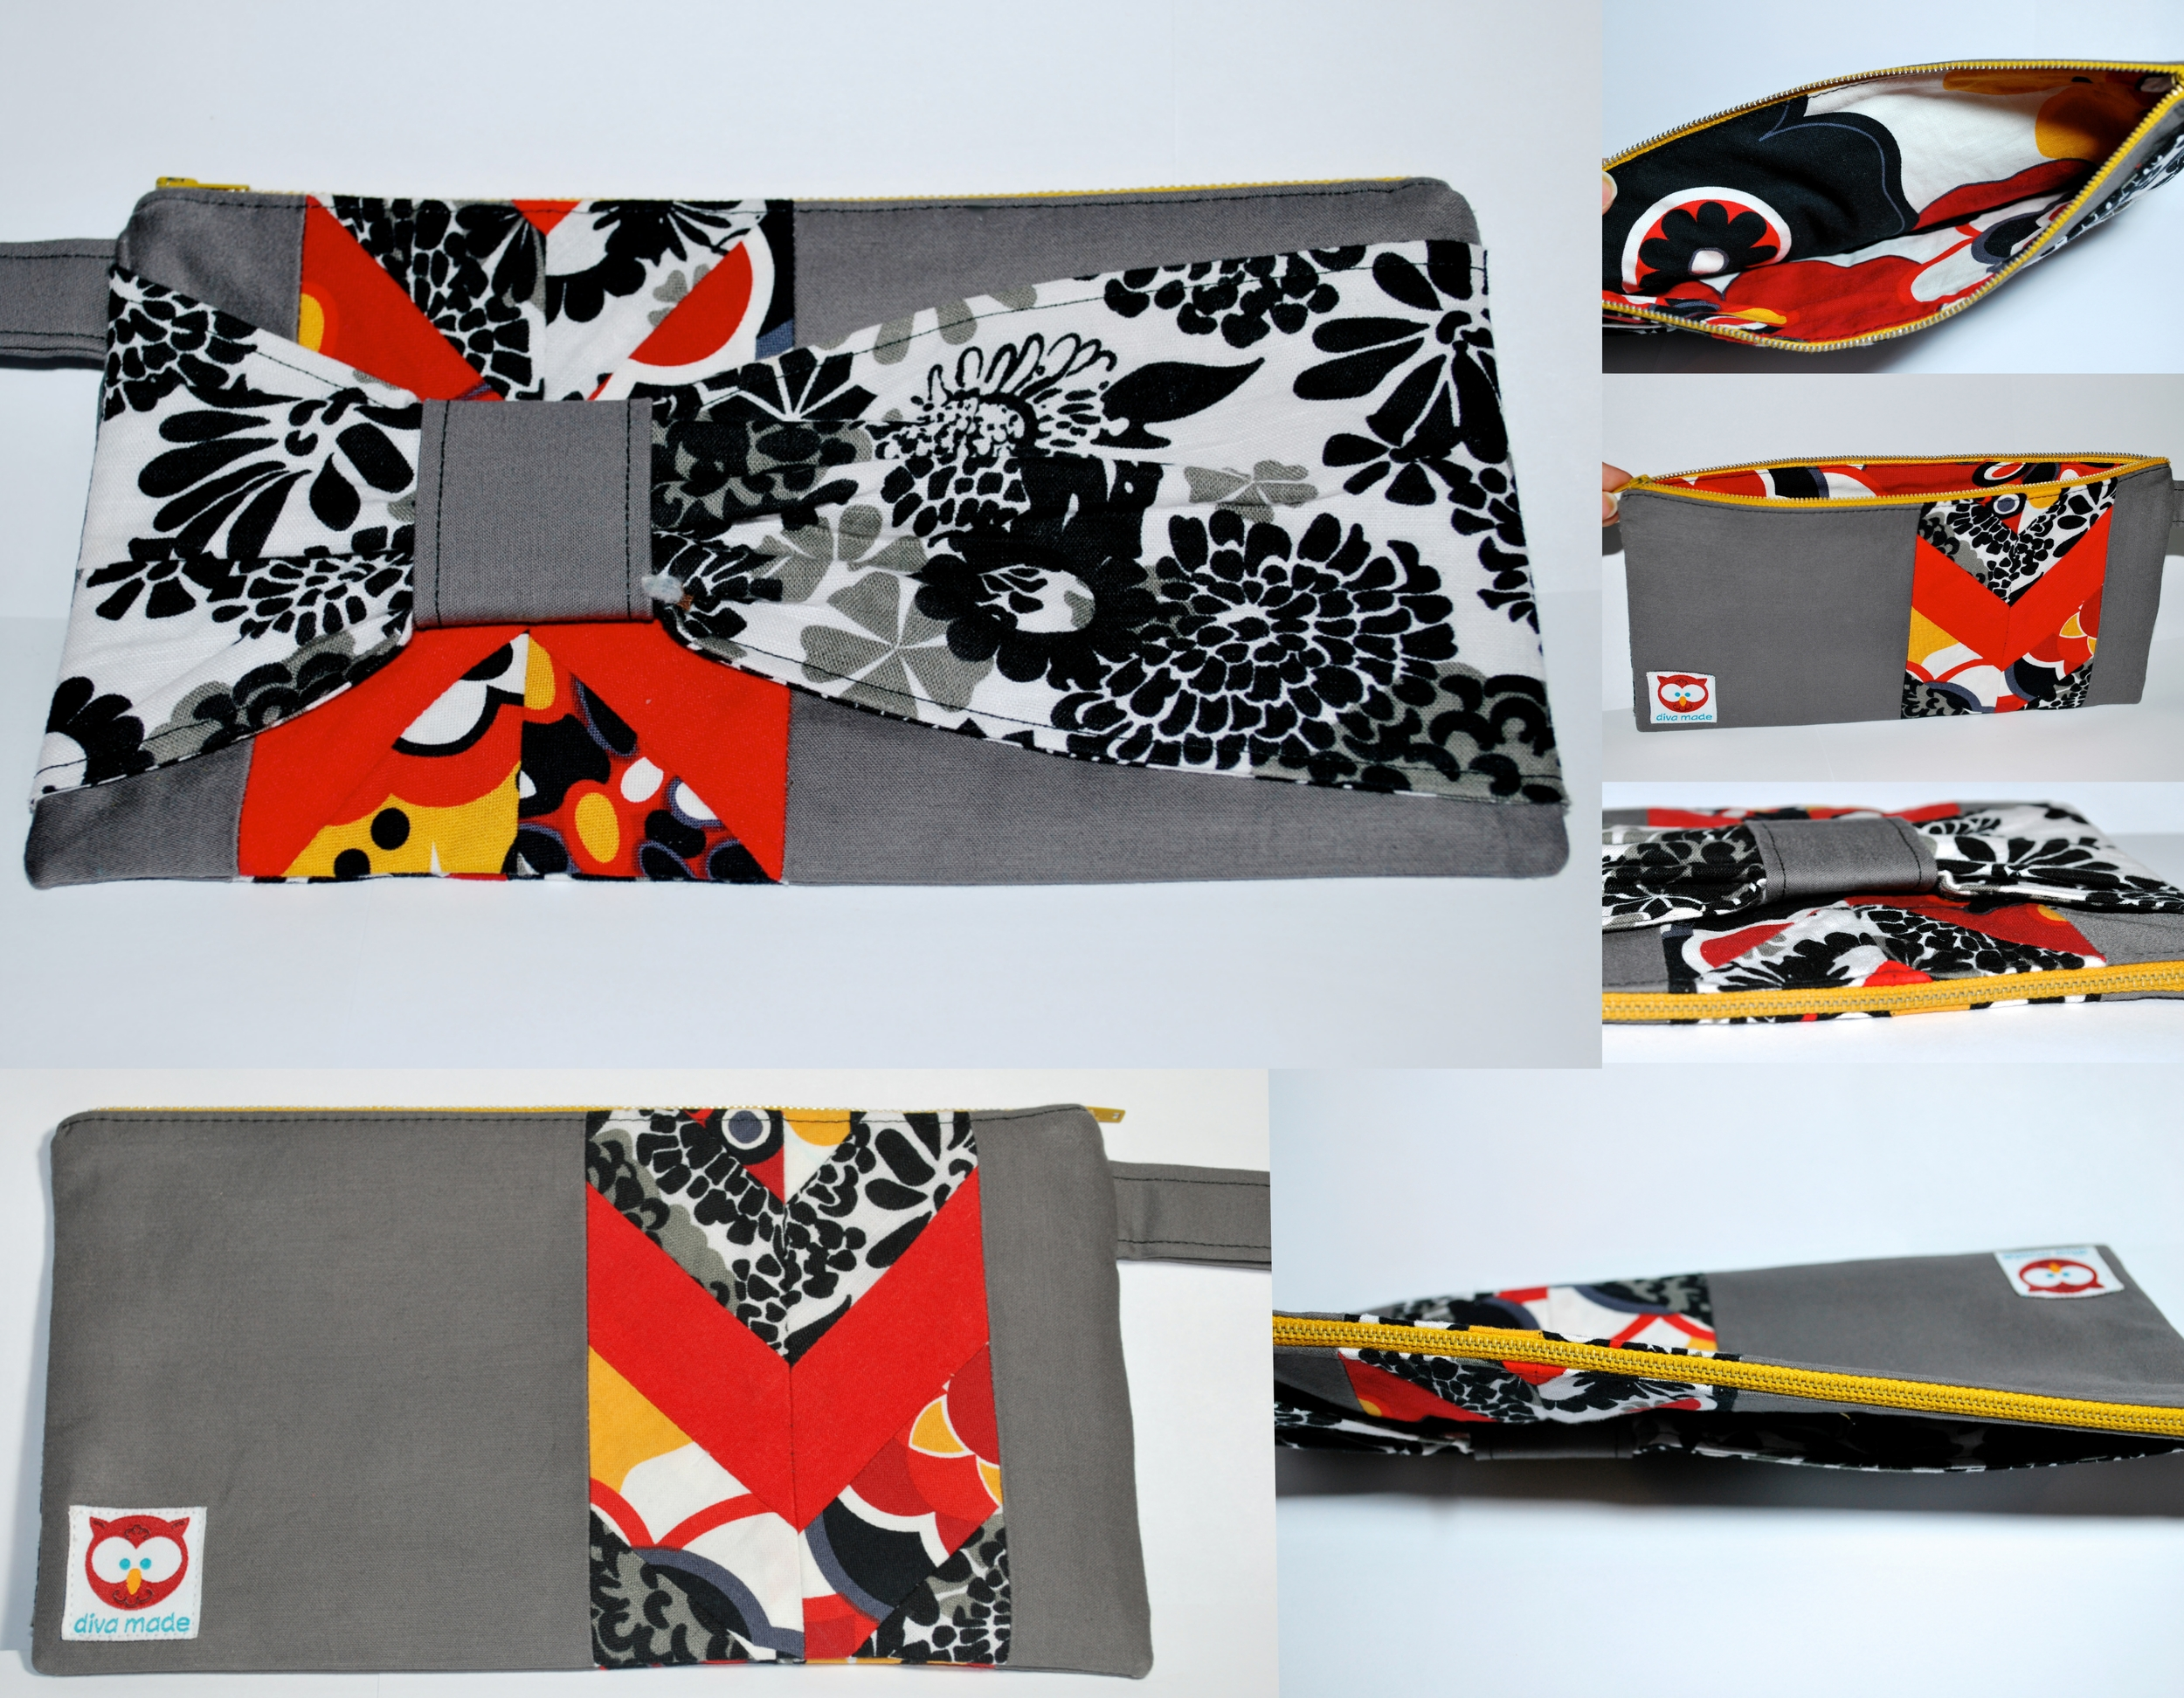 DSC_0156_Fotor_Collage.jpg